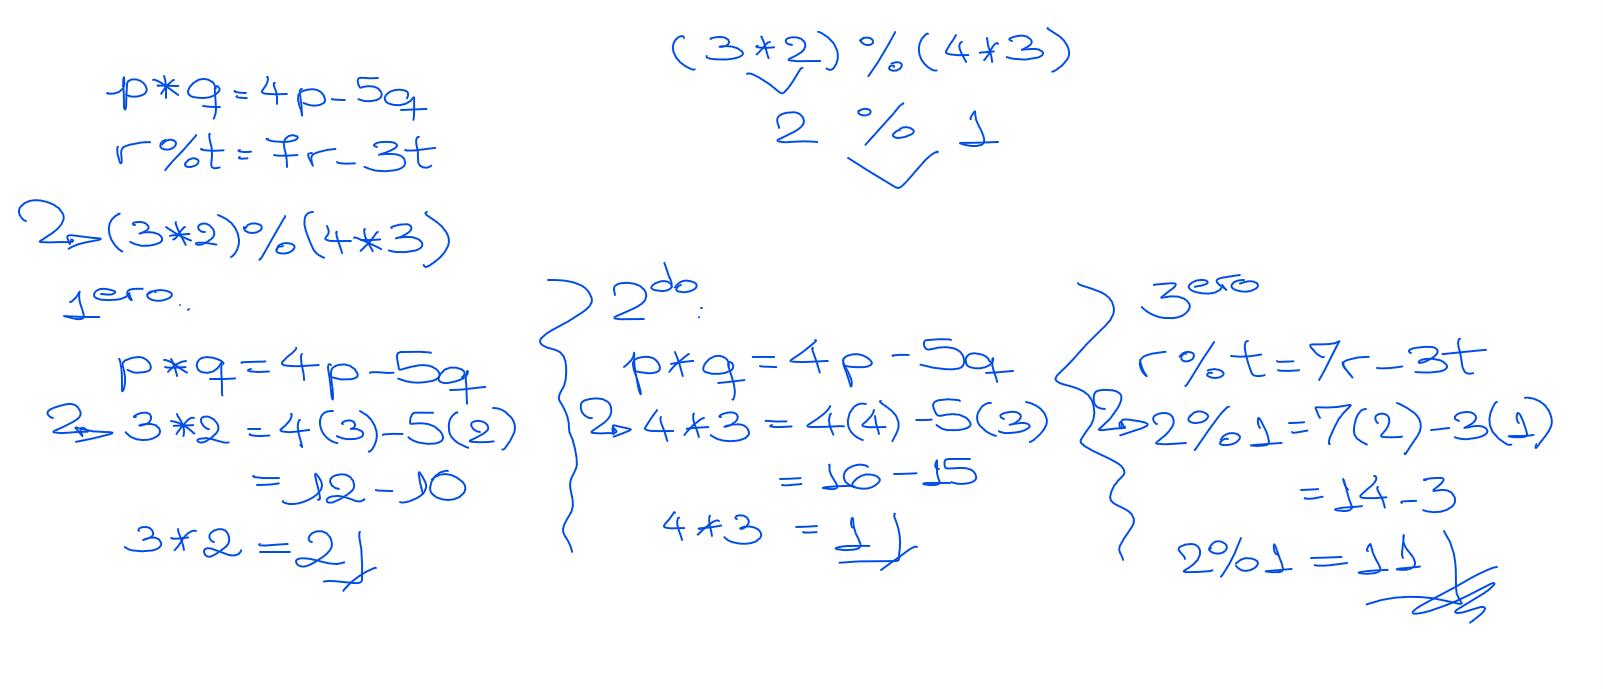 ejercicio resuelto operadores matemáticos